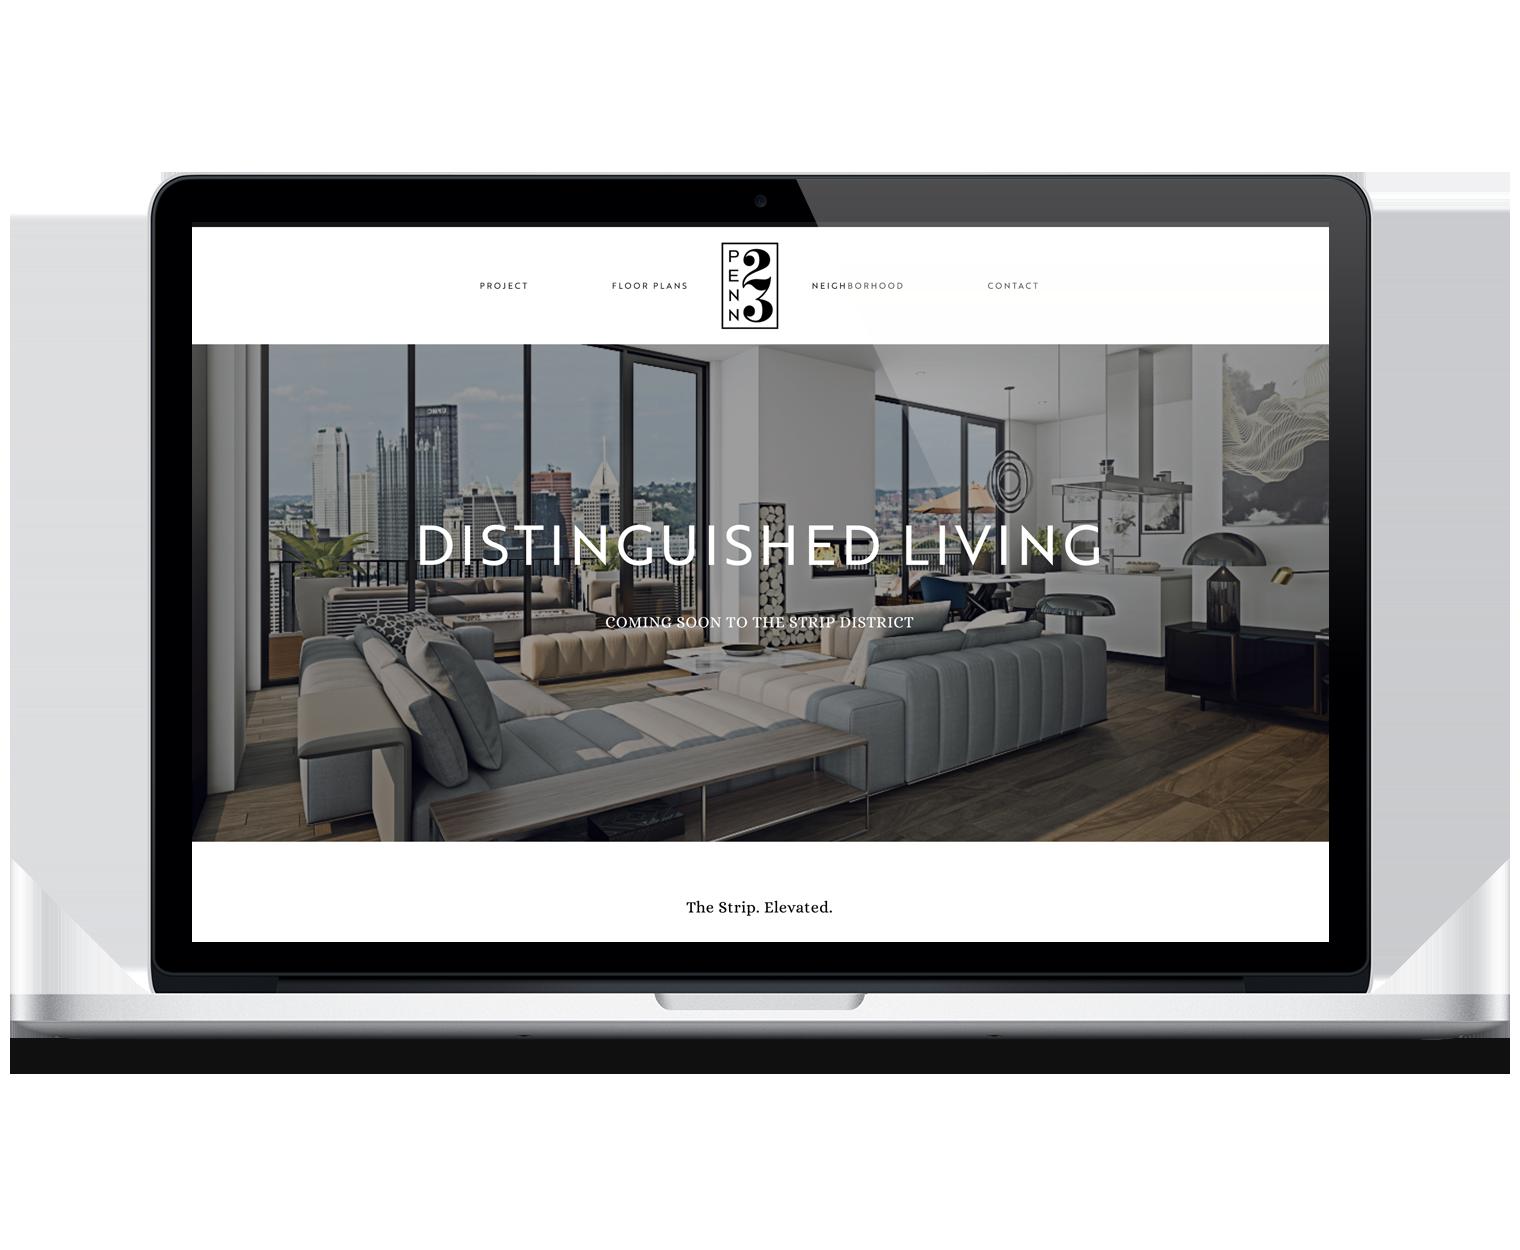 branding_penn23_website1.png